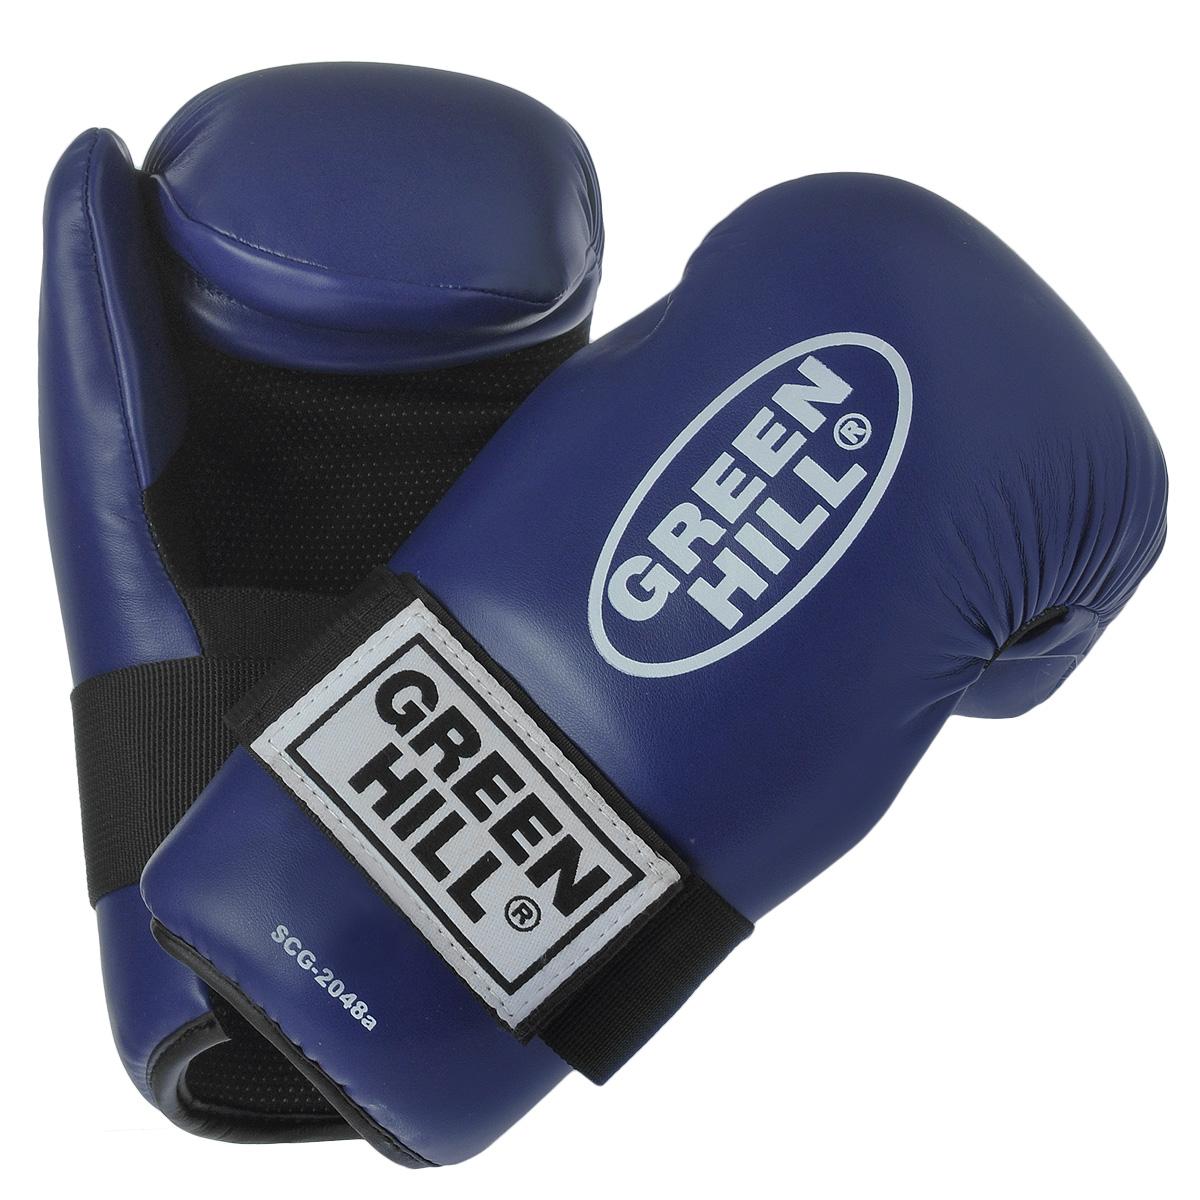 Перчатки для контактных единоборств Green Hill 7-contact, цвет: синий. Размер SAIRWHEEL Q3-340WH-BLACKНакладки Green Hill 7-contact для контактных видов единоборств семиконтакт. Идеально подходят для обучения, спаррингов и соревнований. Перчатки выполнены из высококачественной. Широкий ремень, охватывая запястье, полностью оборачивается вокруг манжеты, благодаря чему создается дополнительная защита лучезапястного сустава от травм. Застежка на липучке способствует быстрому и удобному одеванию перчаток, плотно фиксирует перчатки на руке.